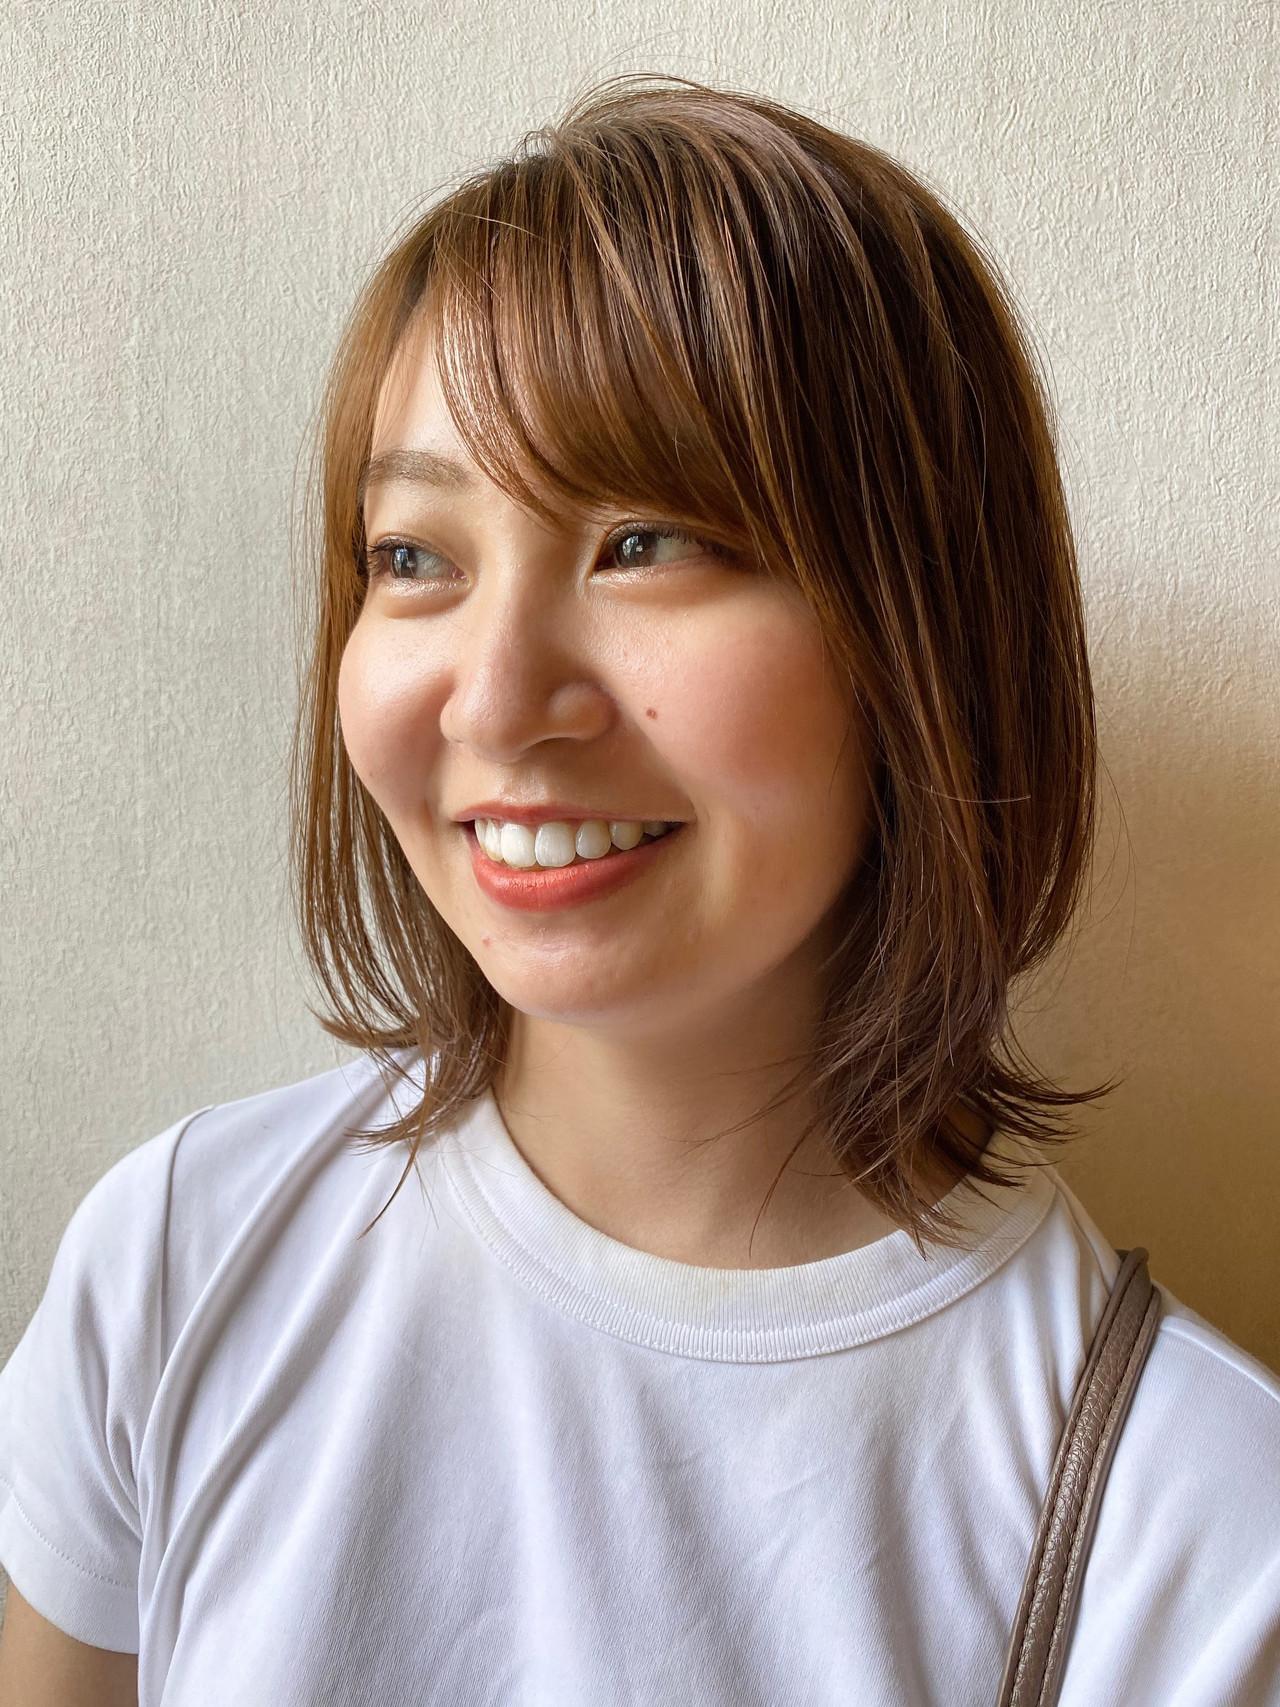 小顔ヘア ボブ オレンジカラー レイヤーボブ ヘアスタイルや髪型の写真・画像